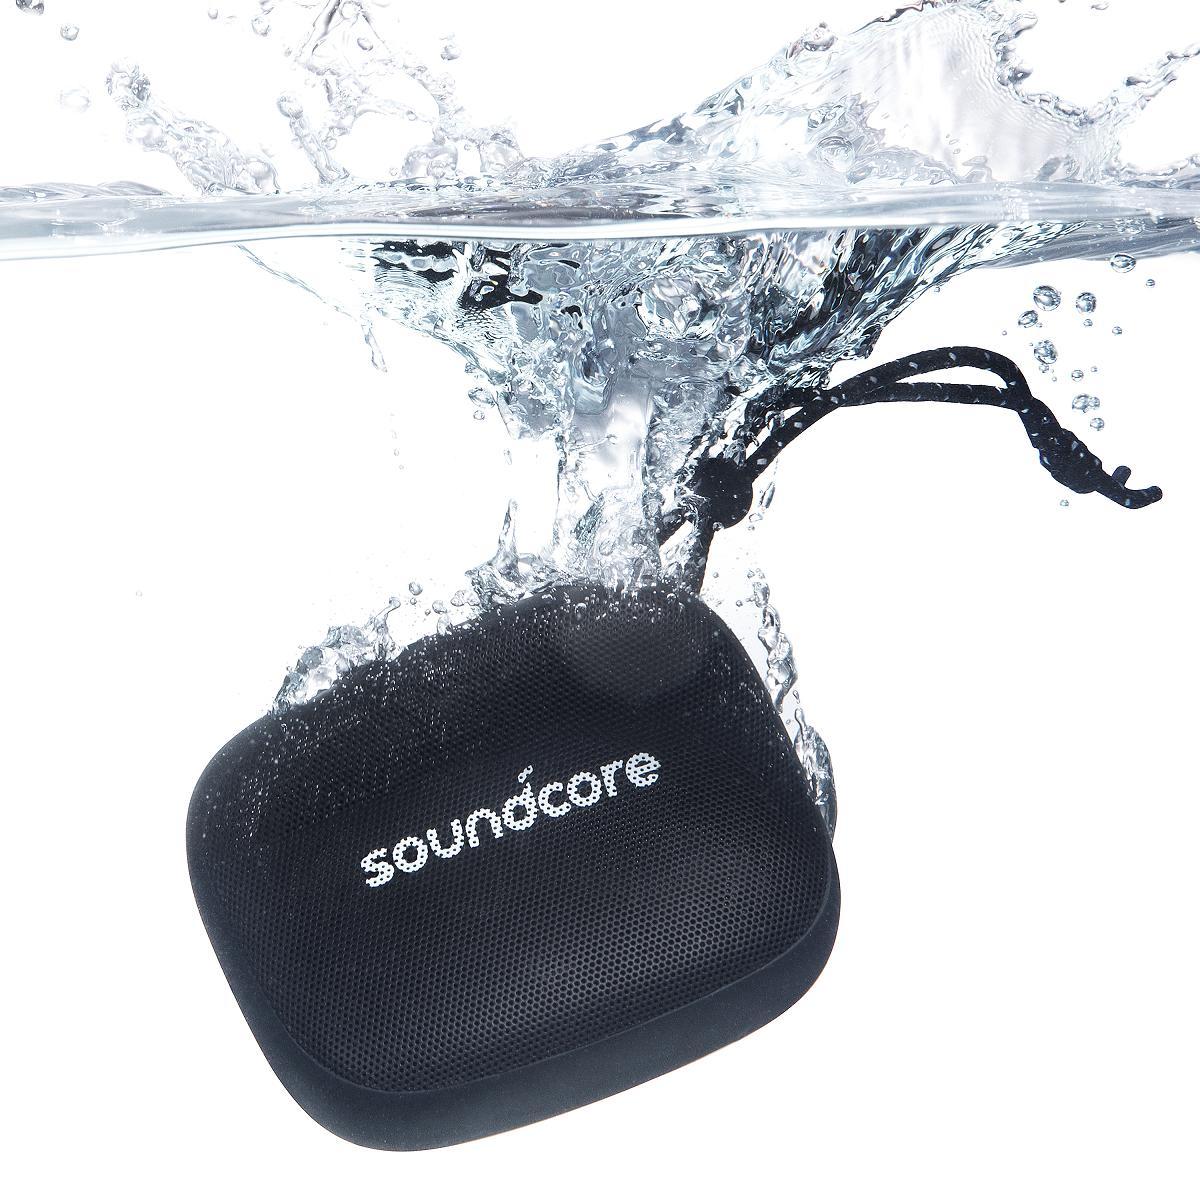 野外 スマートフォン ワイヤレス anker Anker ついに入荷 Soundcore Icon Mini 8時間連続再生 3W IP67防水防塵規格 Bluetooth スピーカー マイク内蔵 注目ブランド 3Wオーディオ出力 4.2